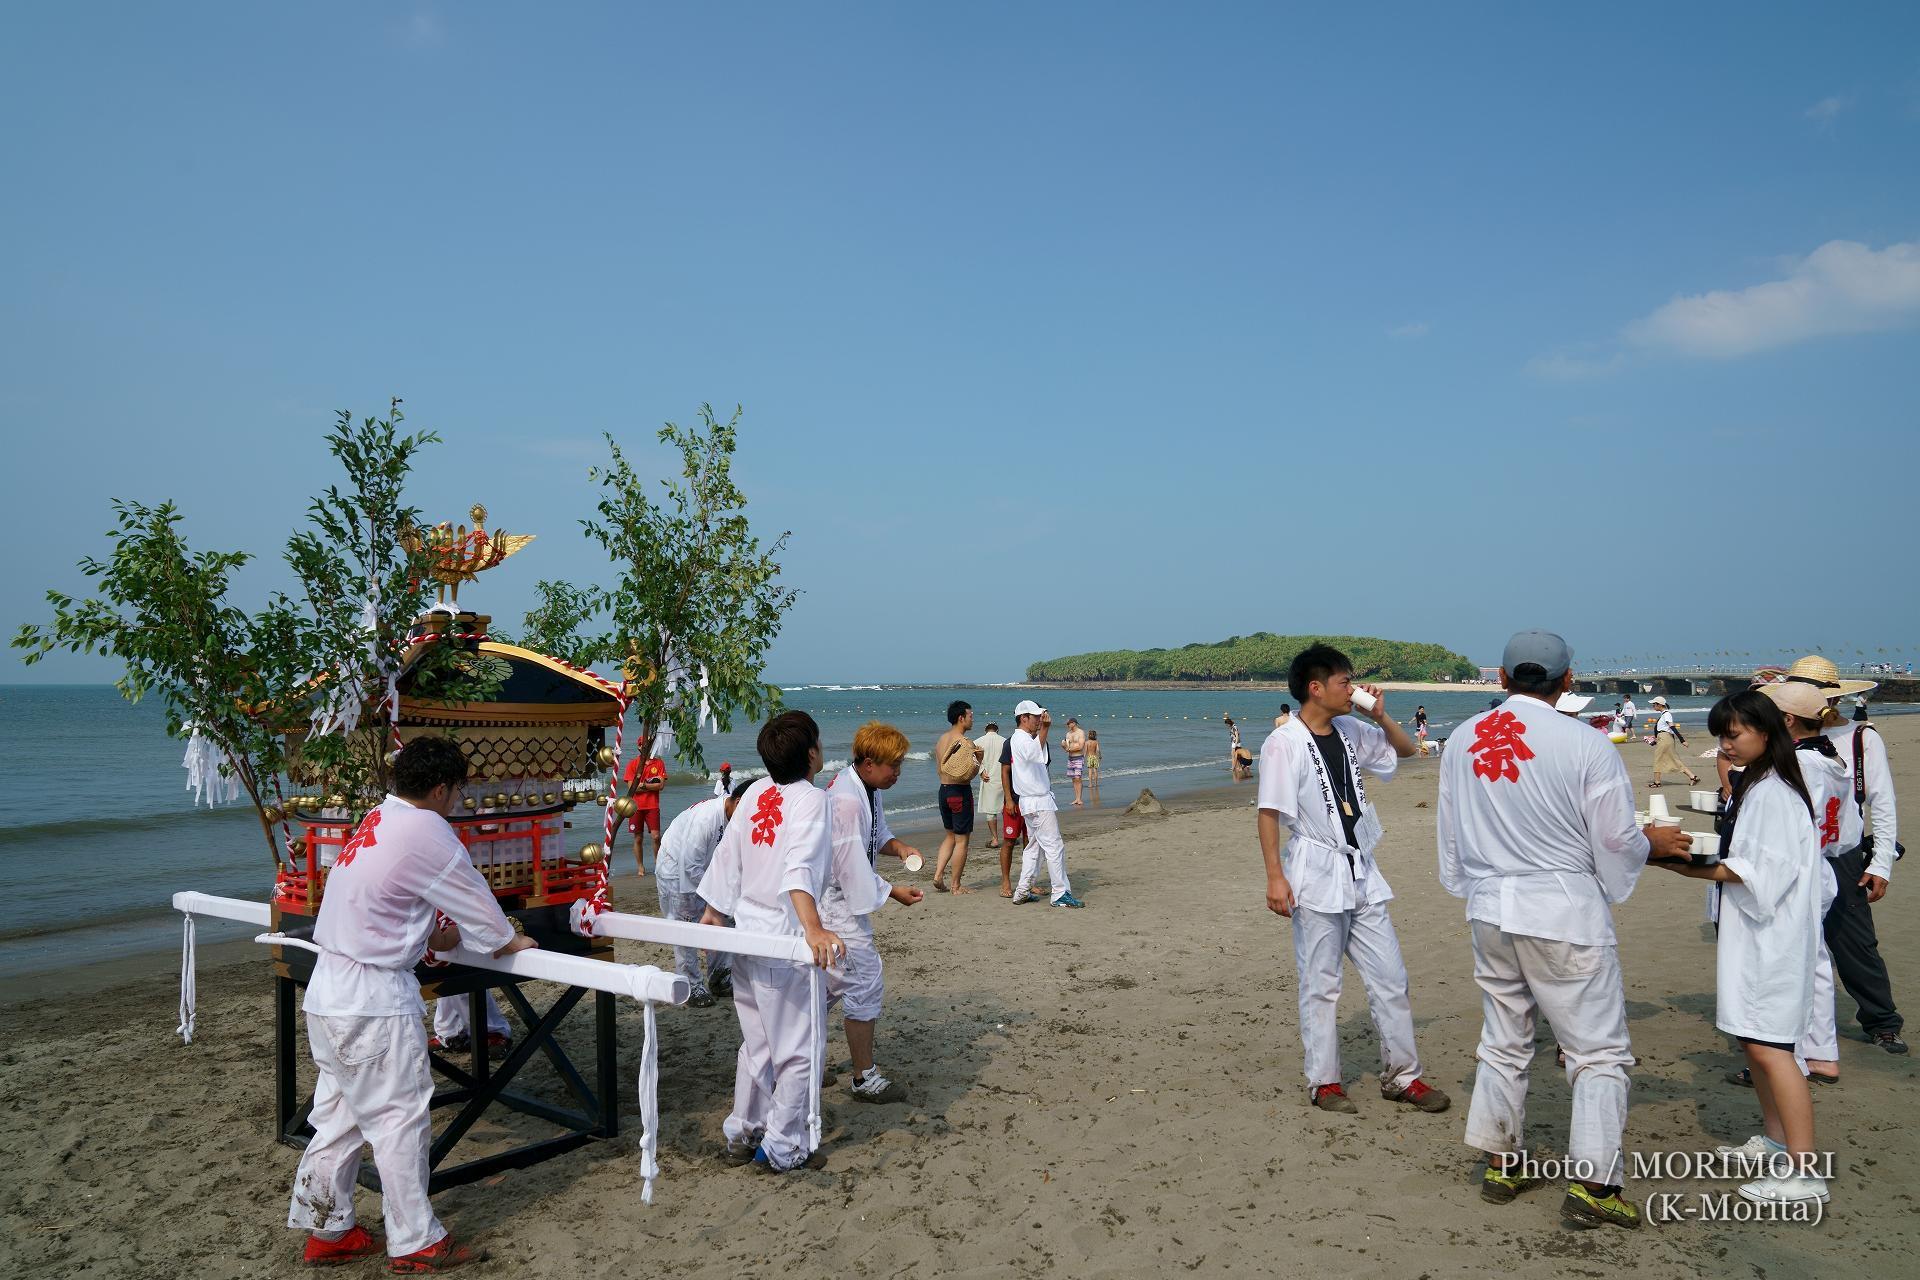 令和元年 2019年度 海を渡る祭礼 06